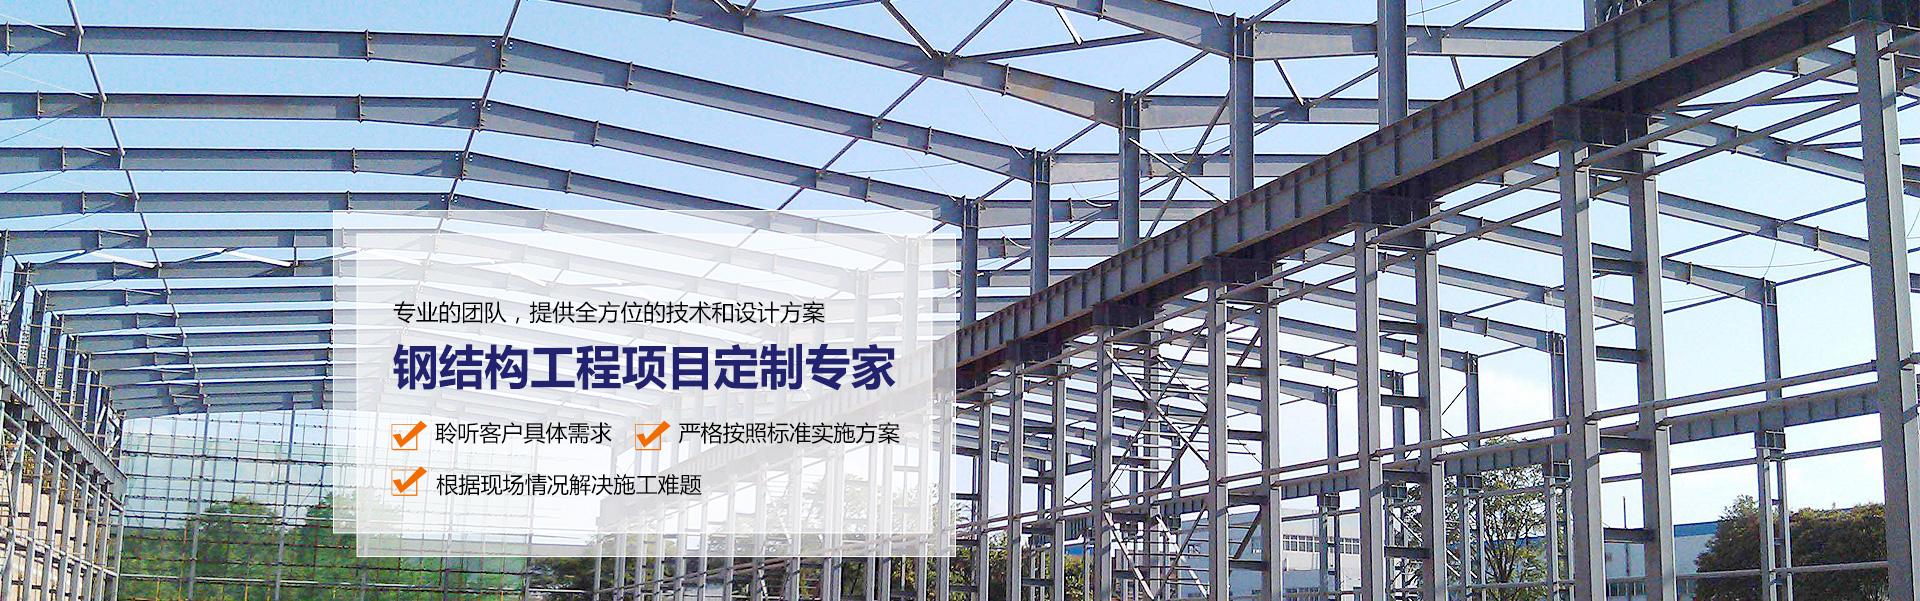 赣州钢结构工程